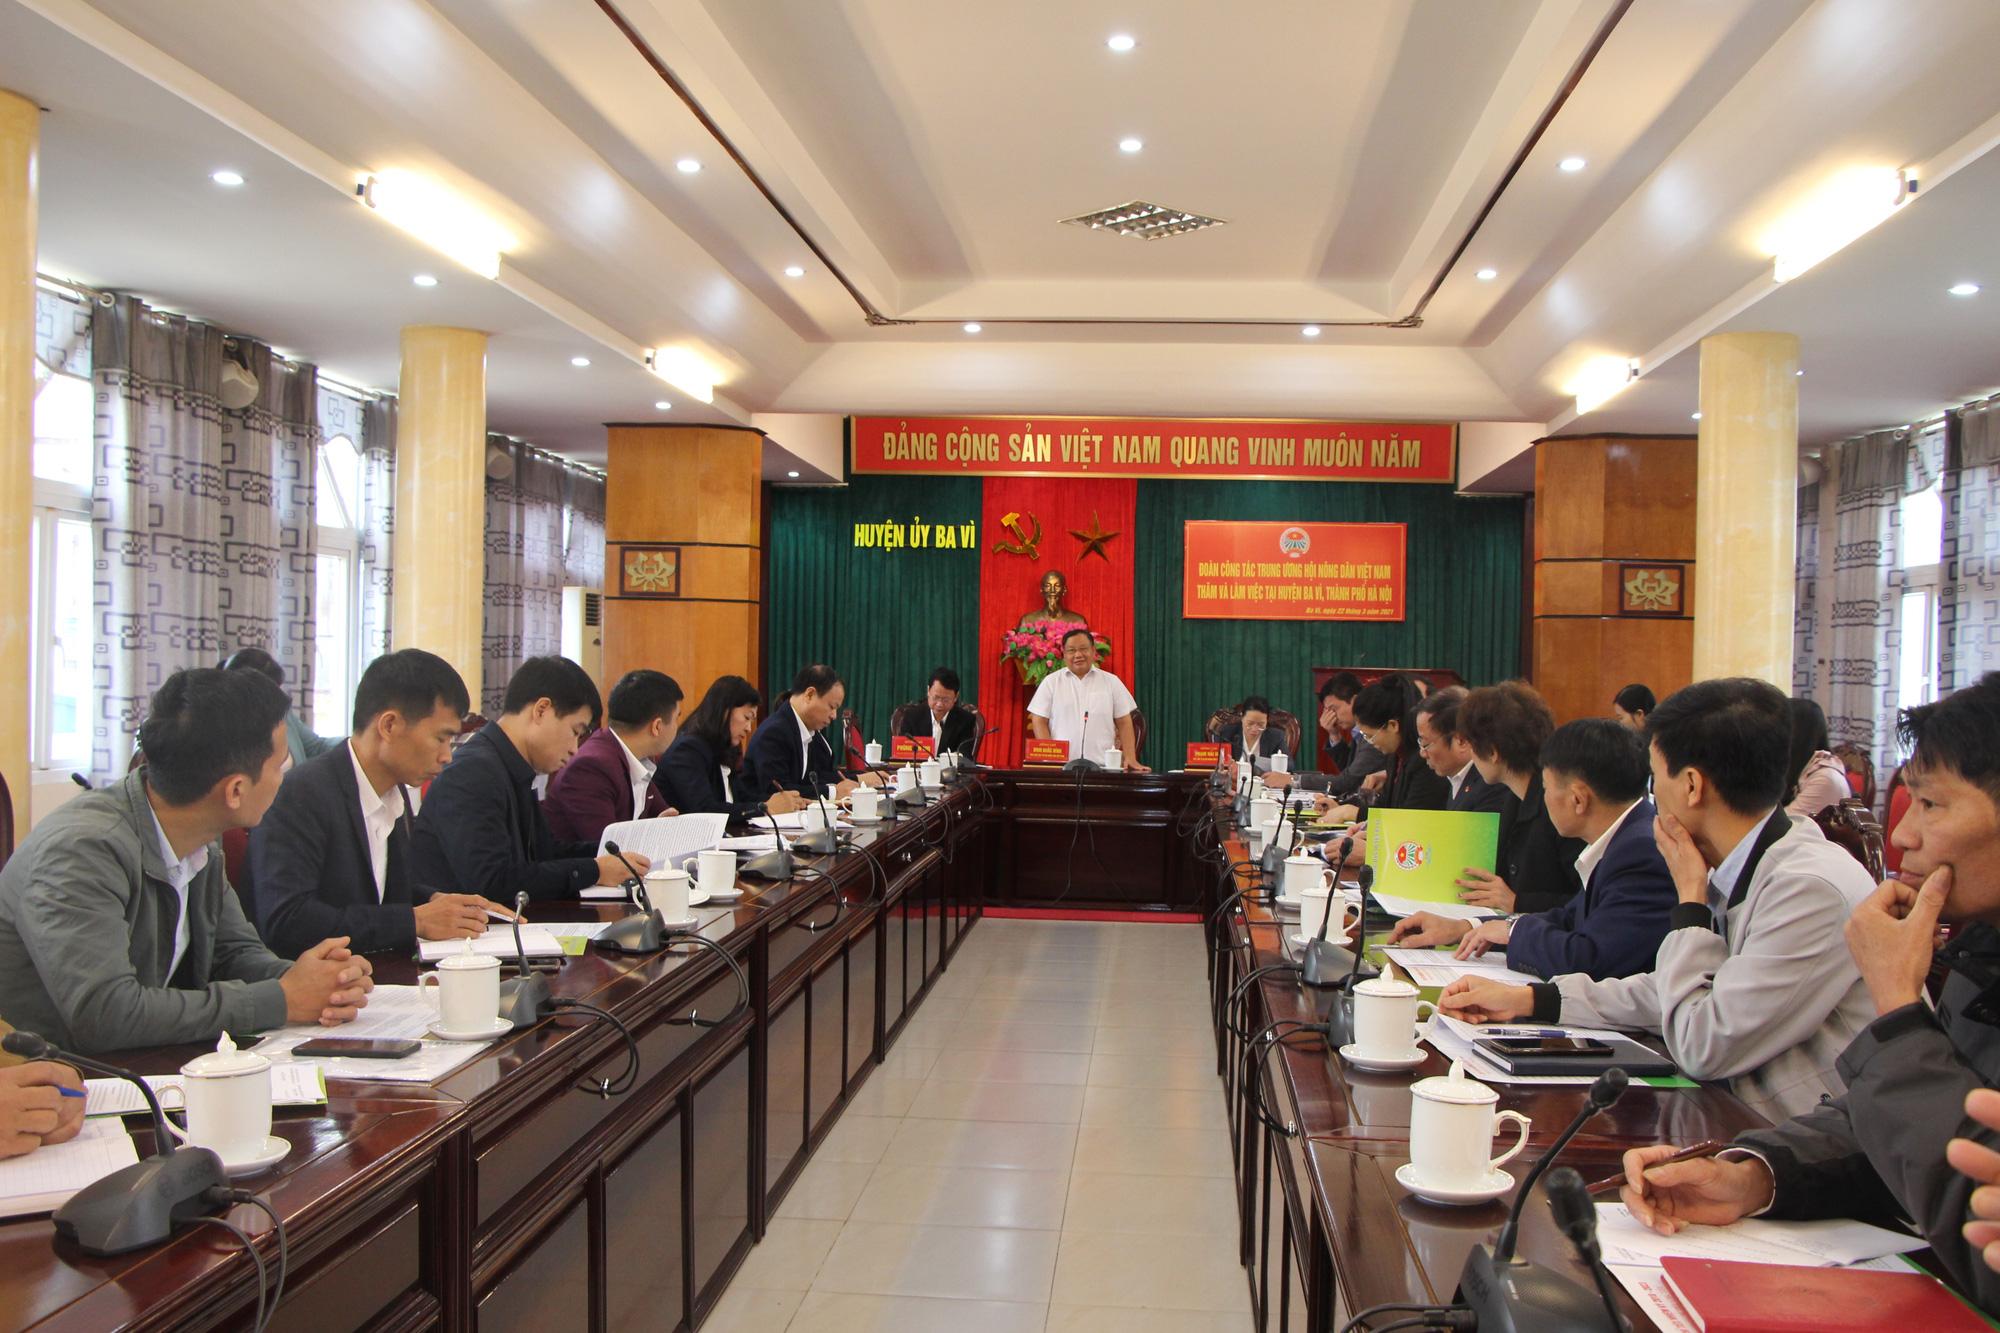 Phó Chủ tịch Hội Nông dân Việt Nam thăm nơi cả làng là người Dao làm nghề thuốc Nam - Ảnh 5.